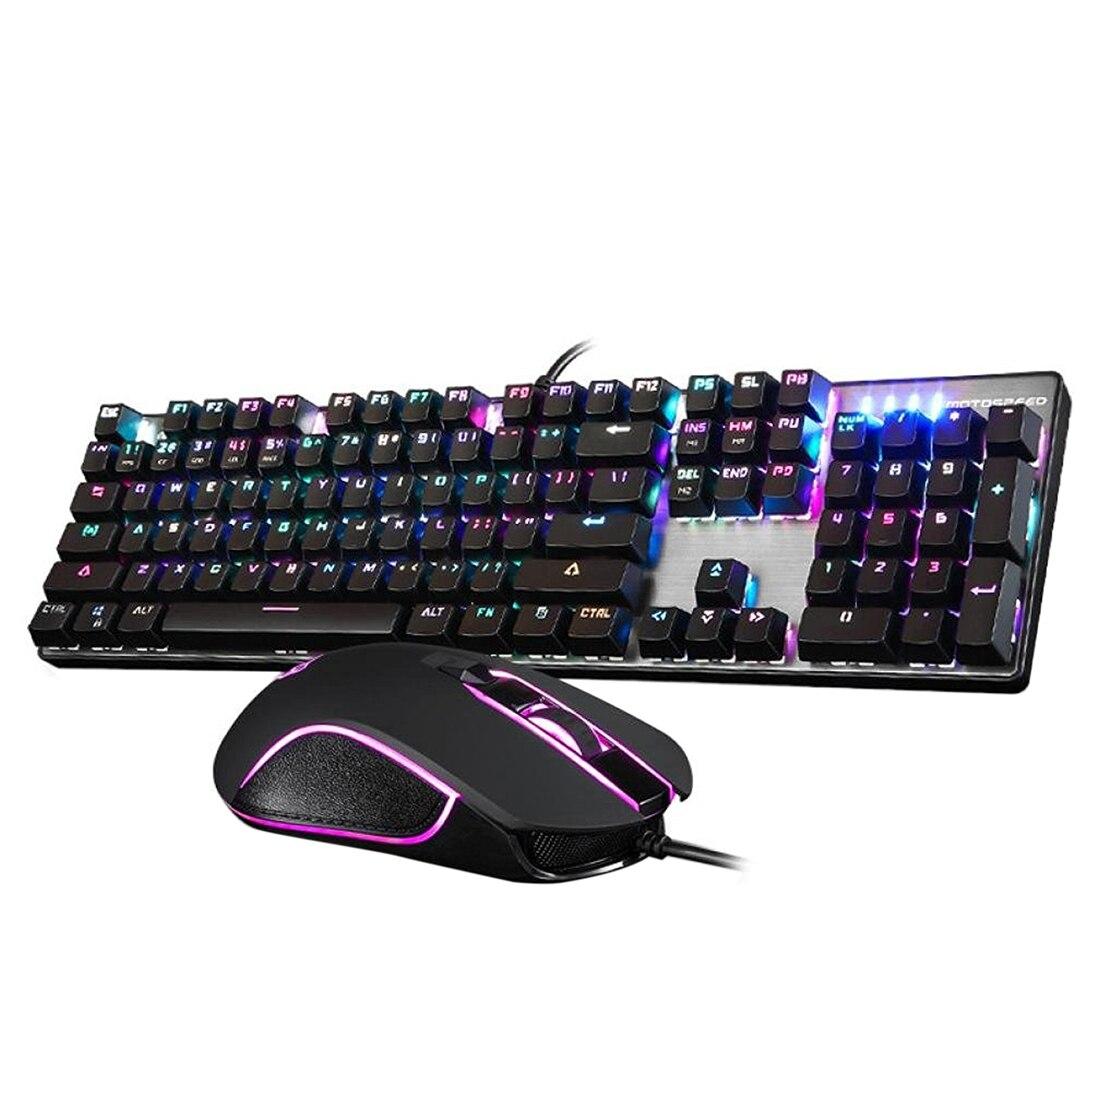 Motospeed CK888 ensemble clavier et souris de jeu avec rétro-éclairage arc-en-ciel pour bureau